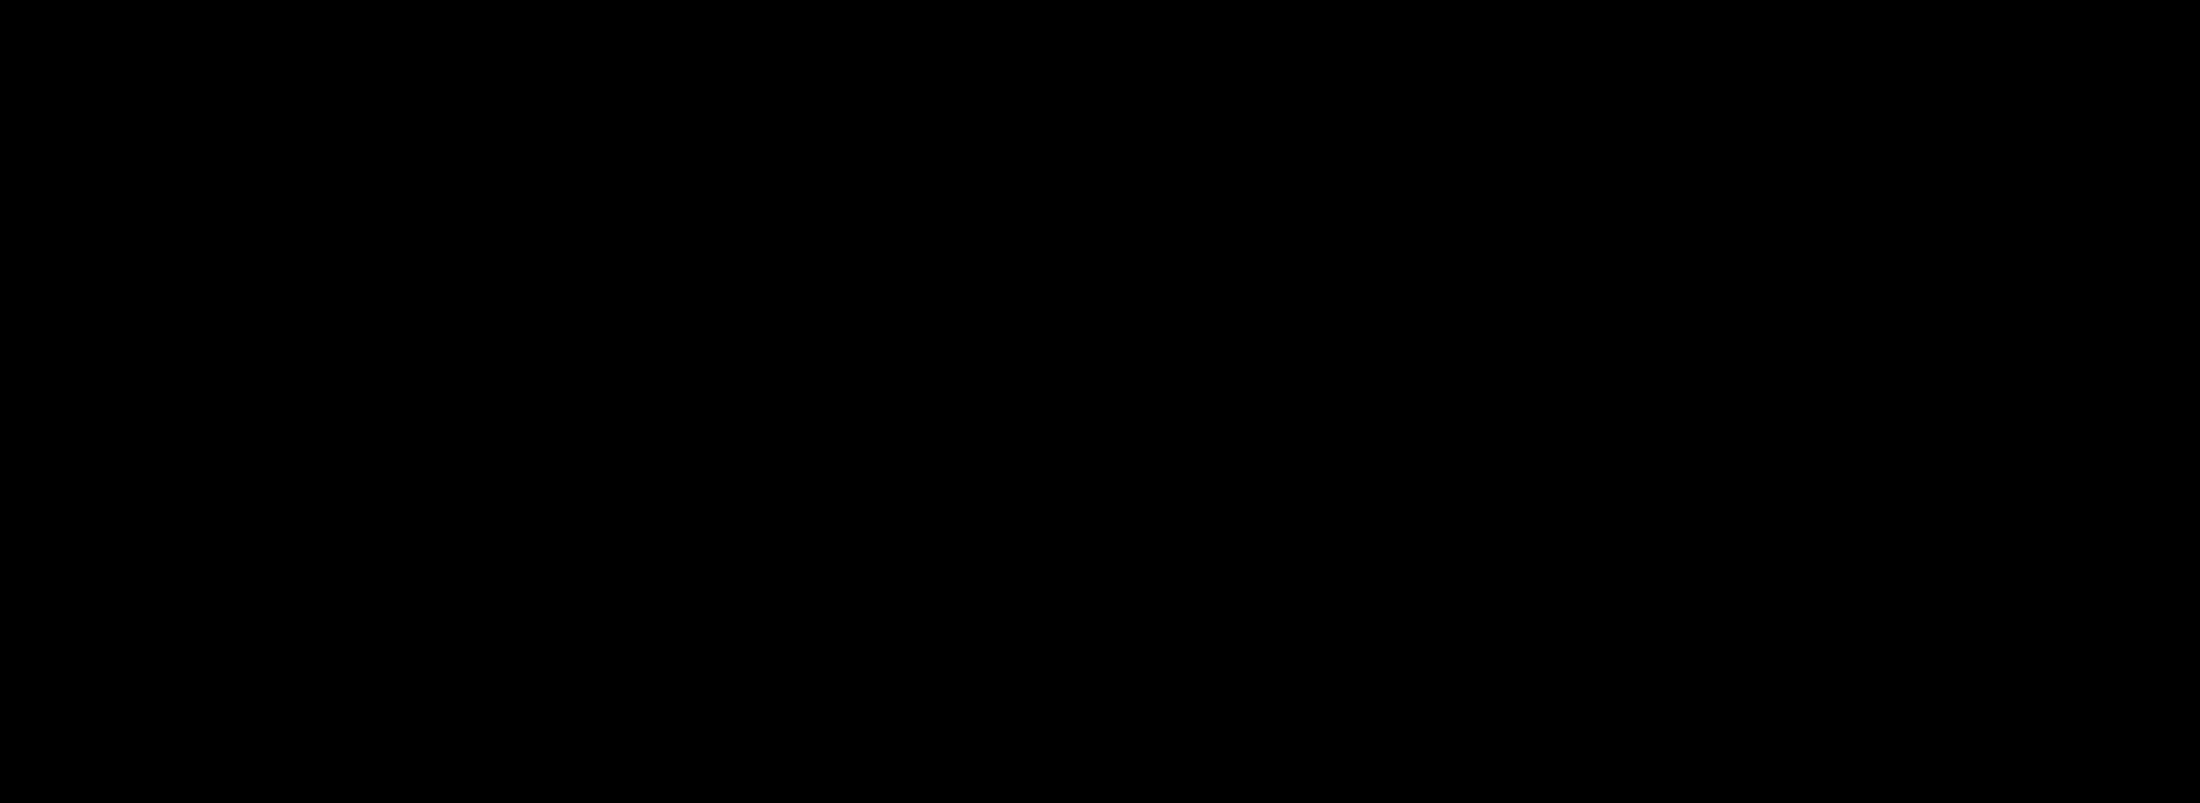 JamieLoveLogoWaterMark